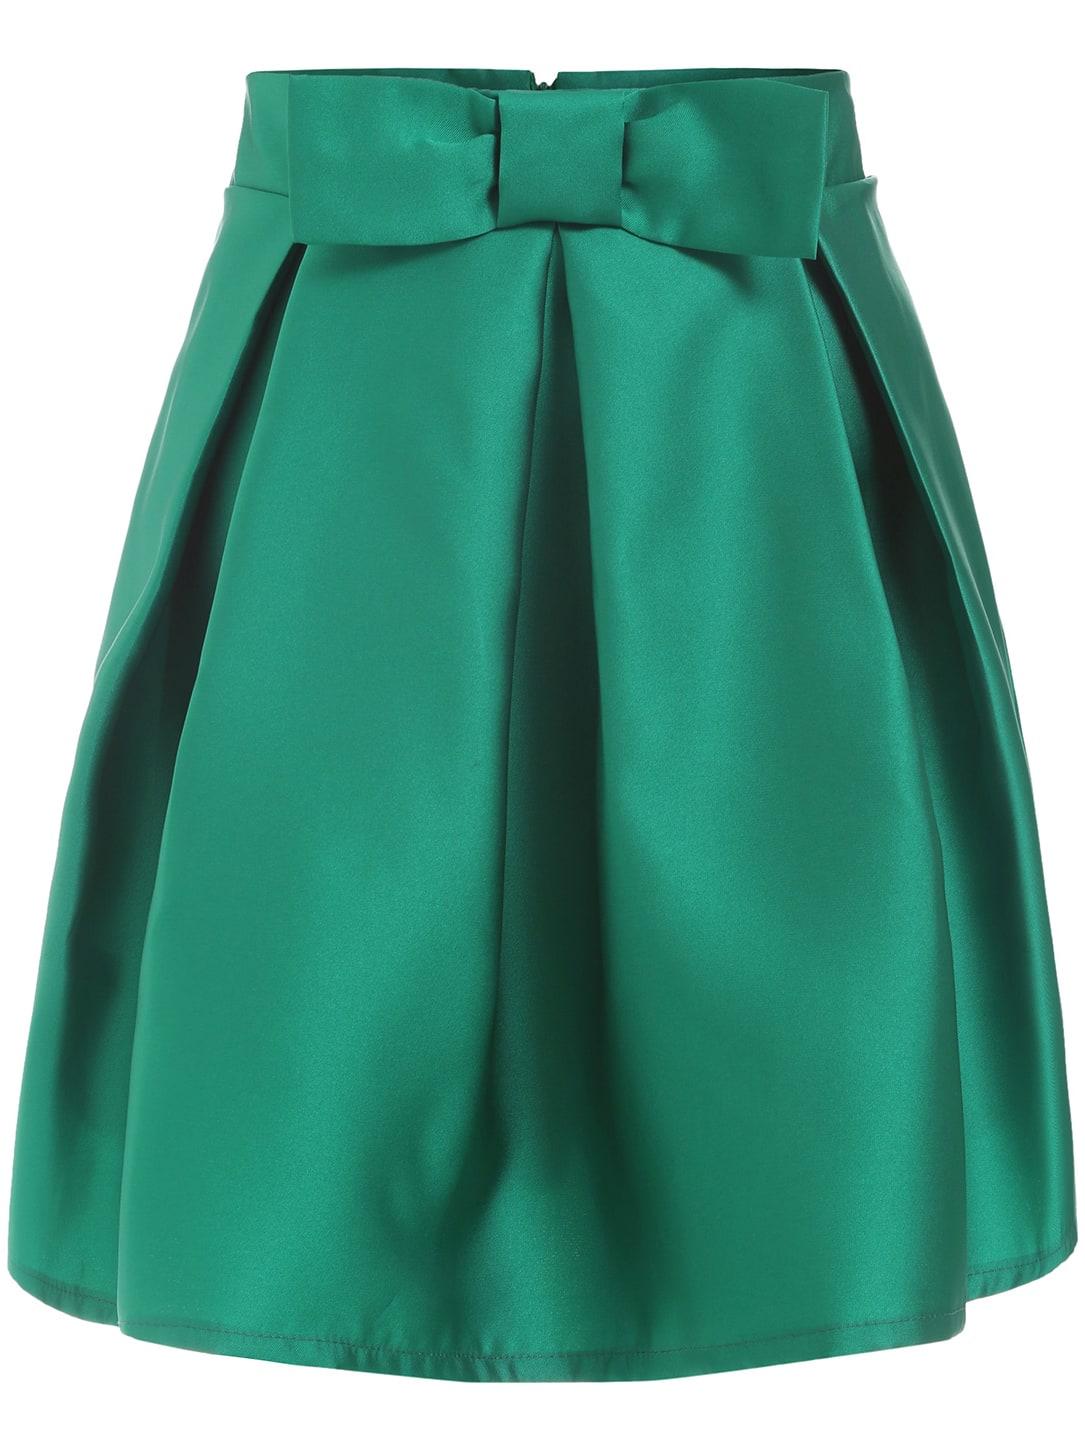 High Waist Bow Skirt 34